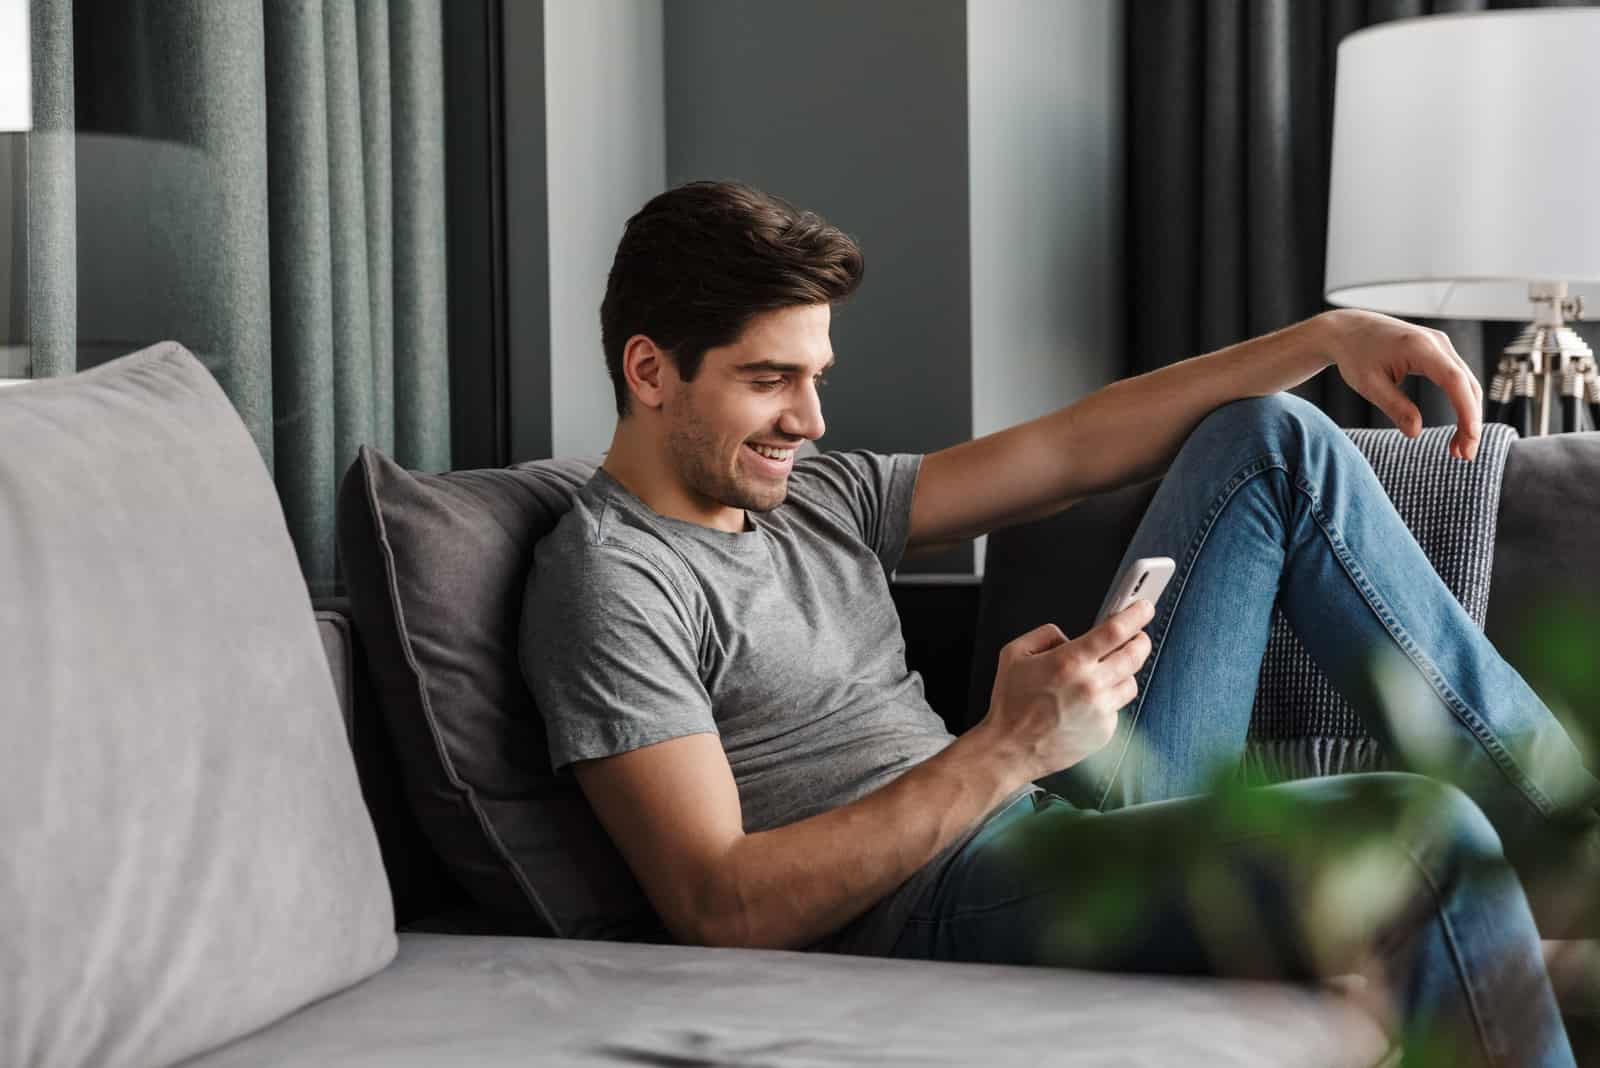 un homme souriant est assis sur le canapé et tape au téléphone